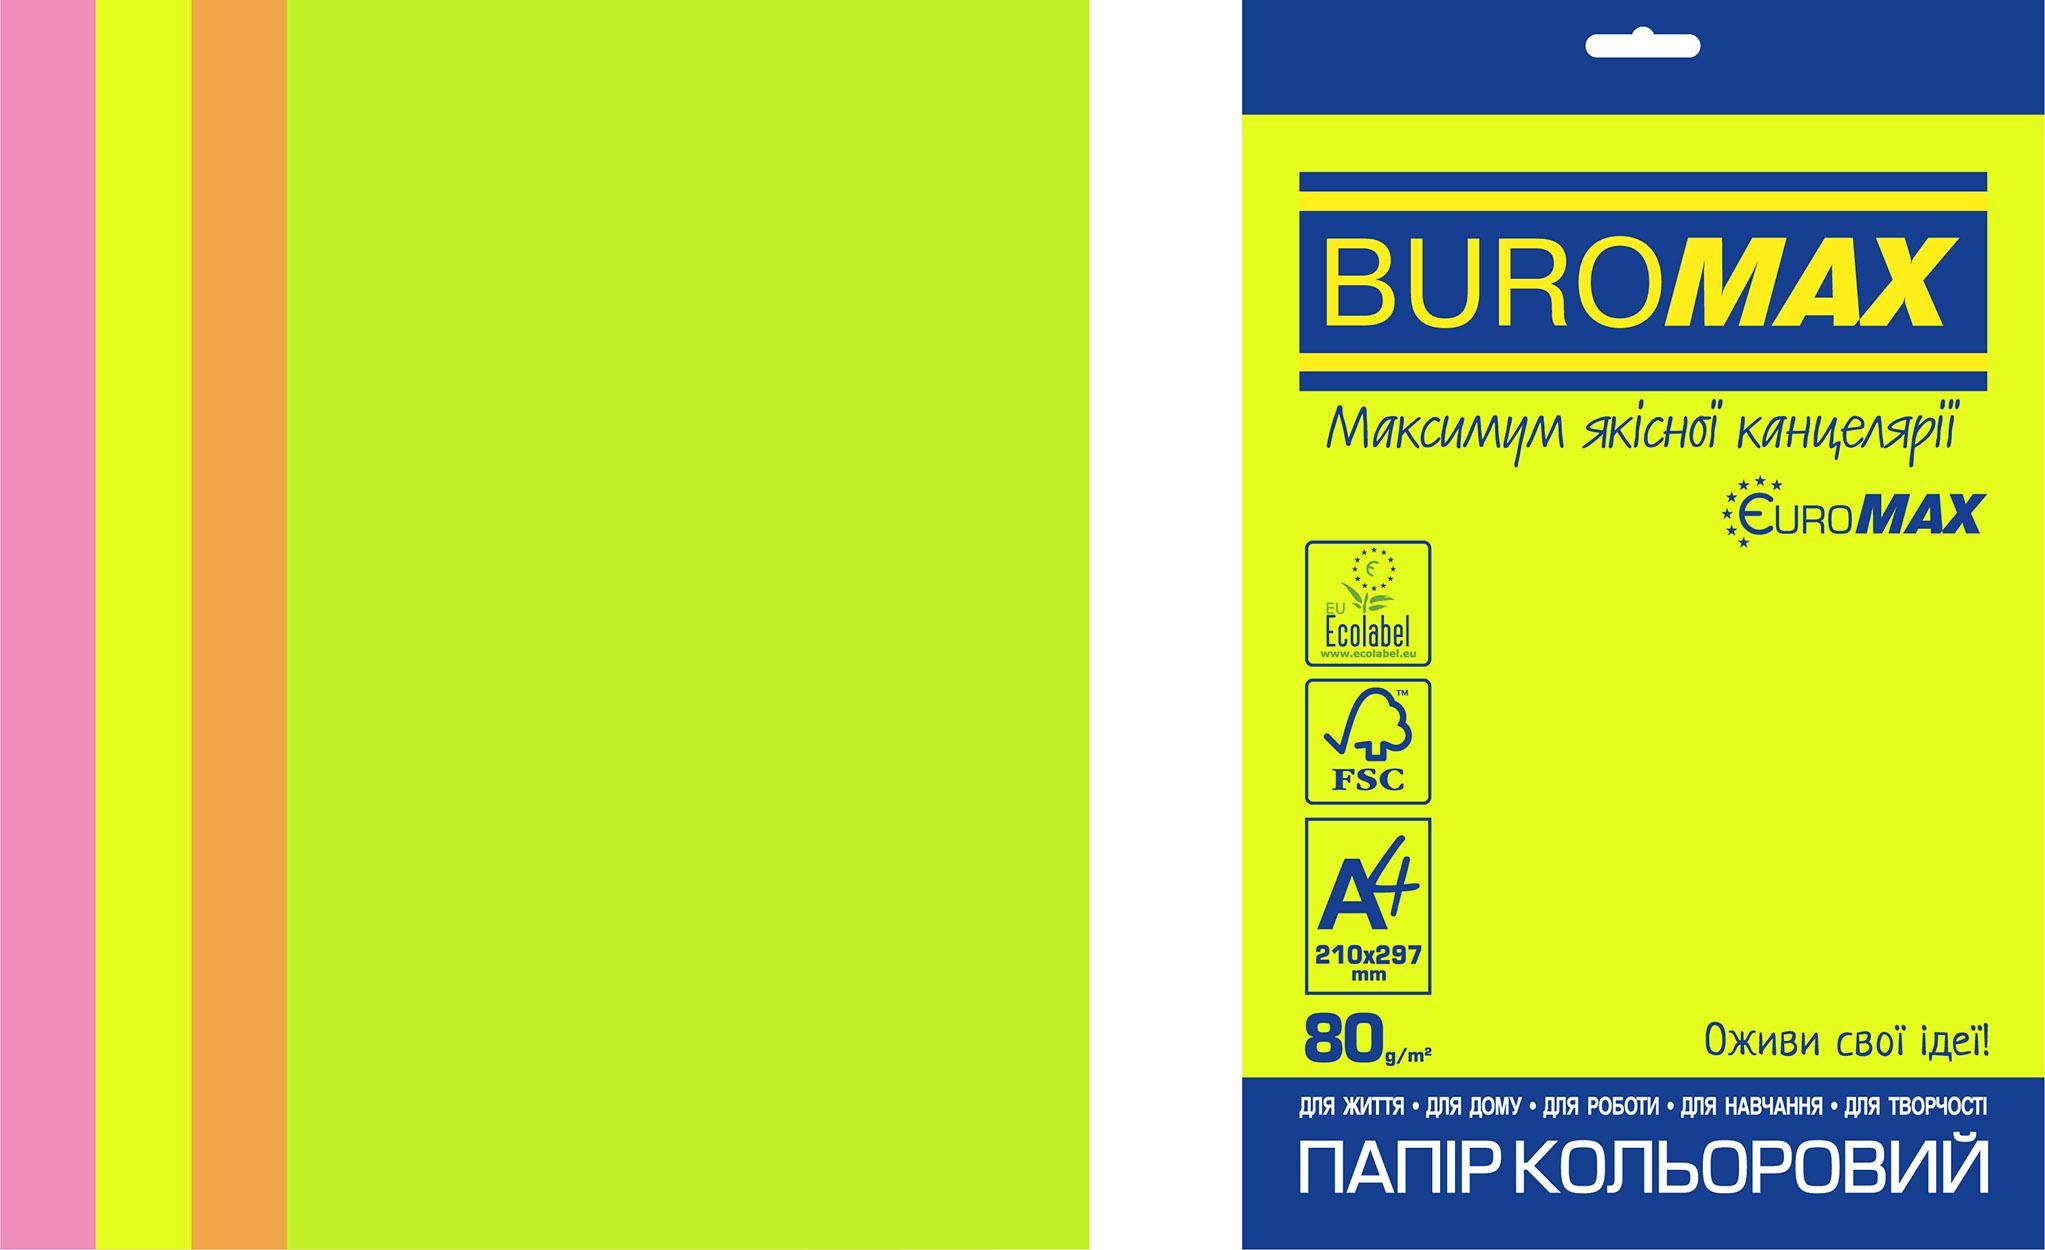 Набор бумаги офисной цветной NEON EUROMAX, А4, 80 г/м2, 50 листов,ассорти